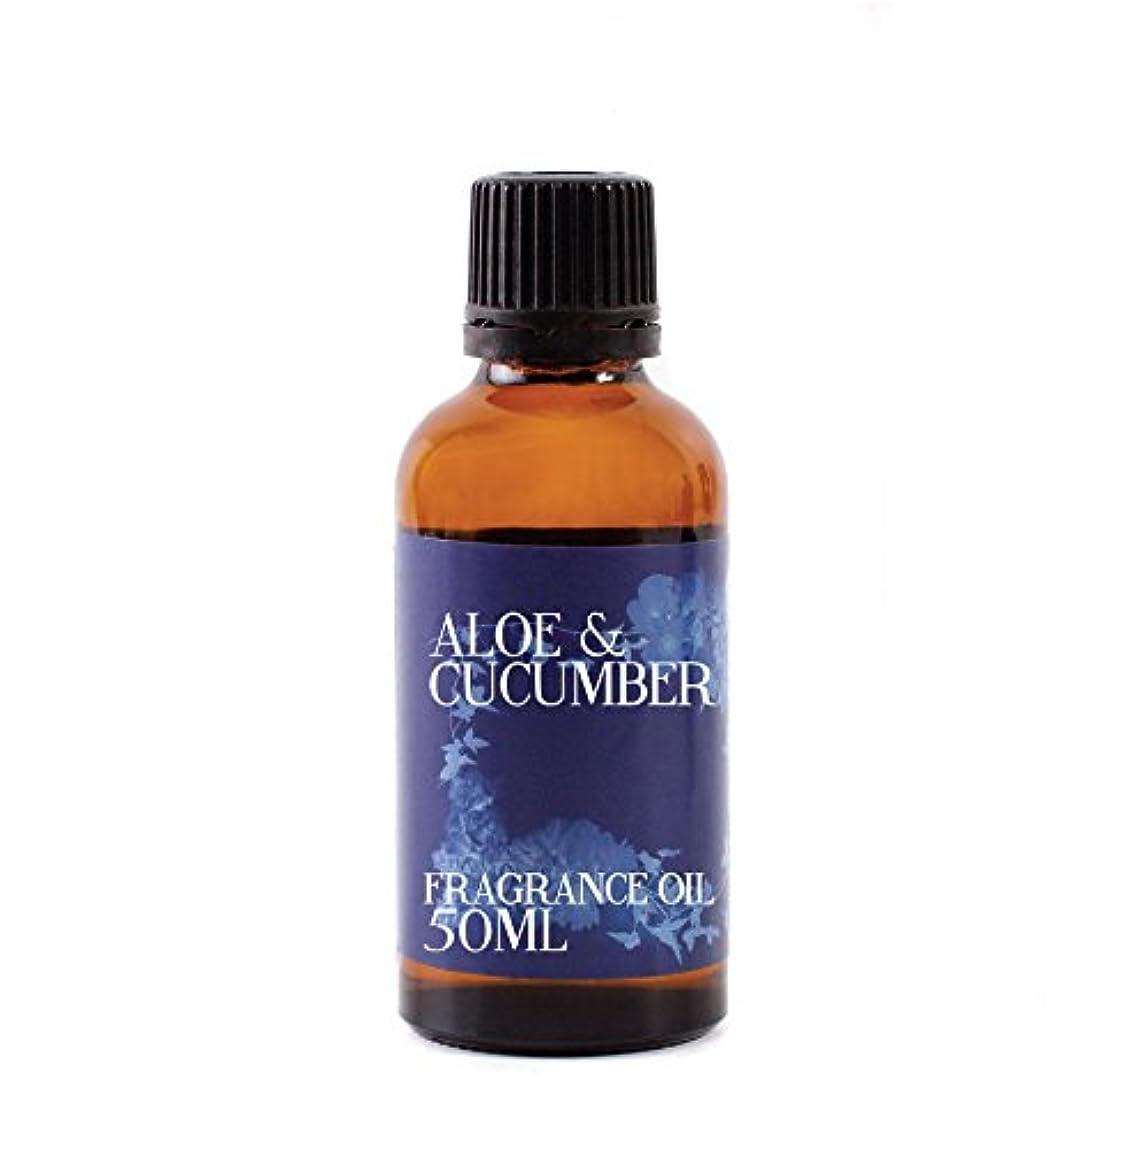 仮装広まったとにかくMystic Moments | Aloe & Cucumber Fragrance Oil - 50ml